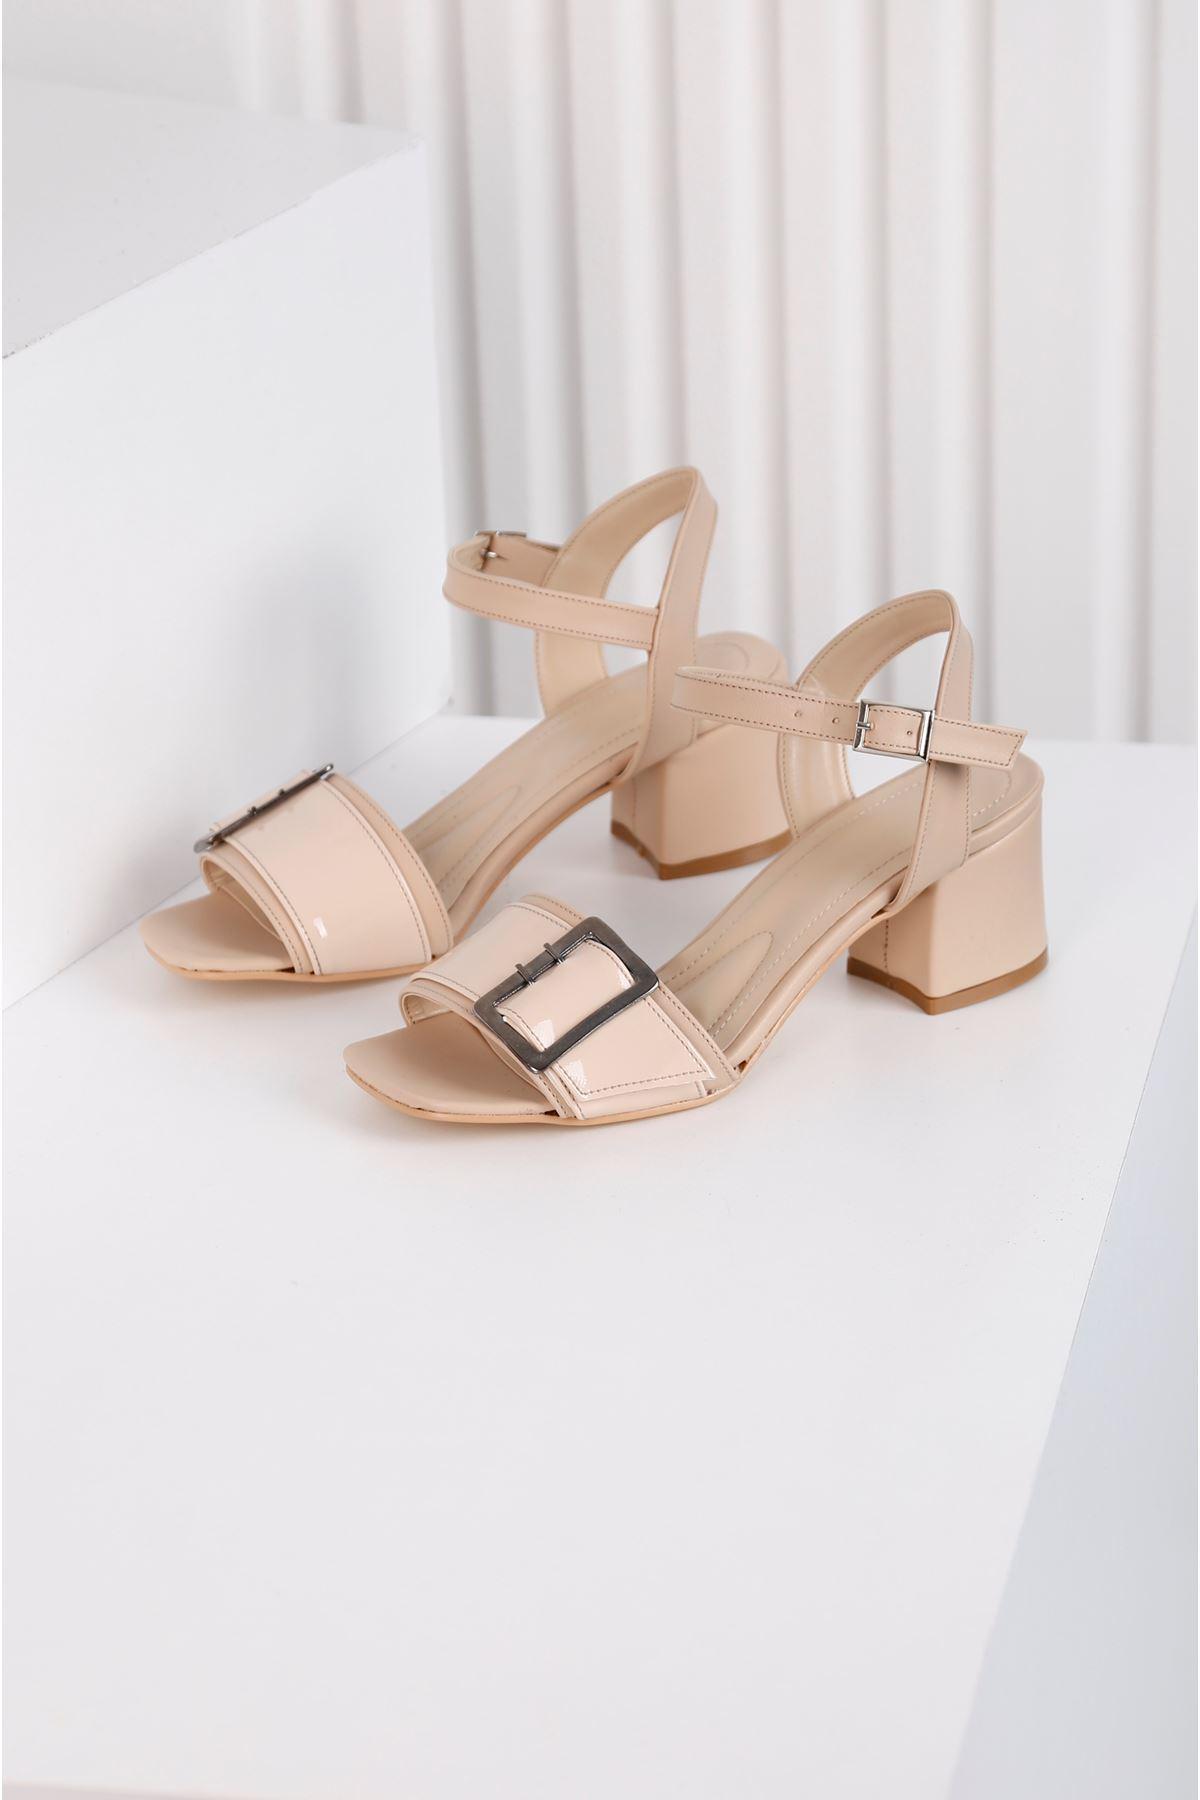 Klaris 3828 - Kadın Topuklu Vizon Ayakkabı